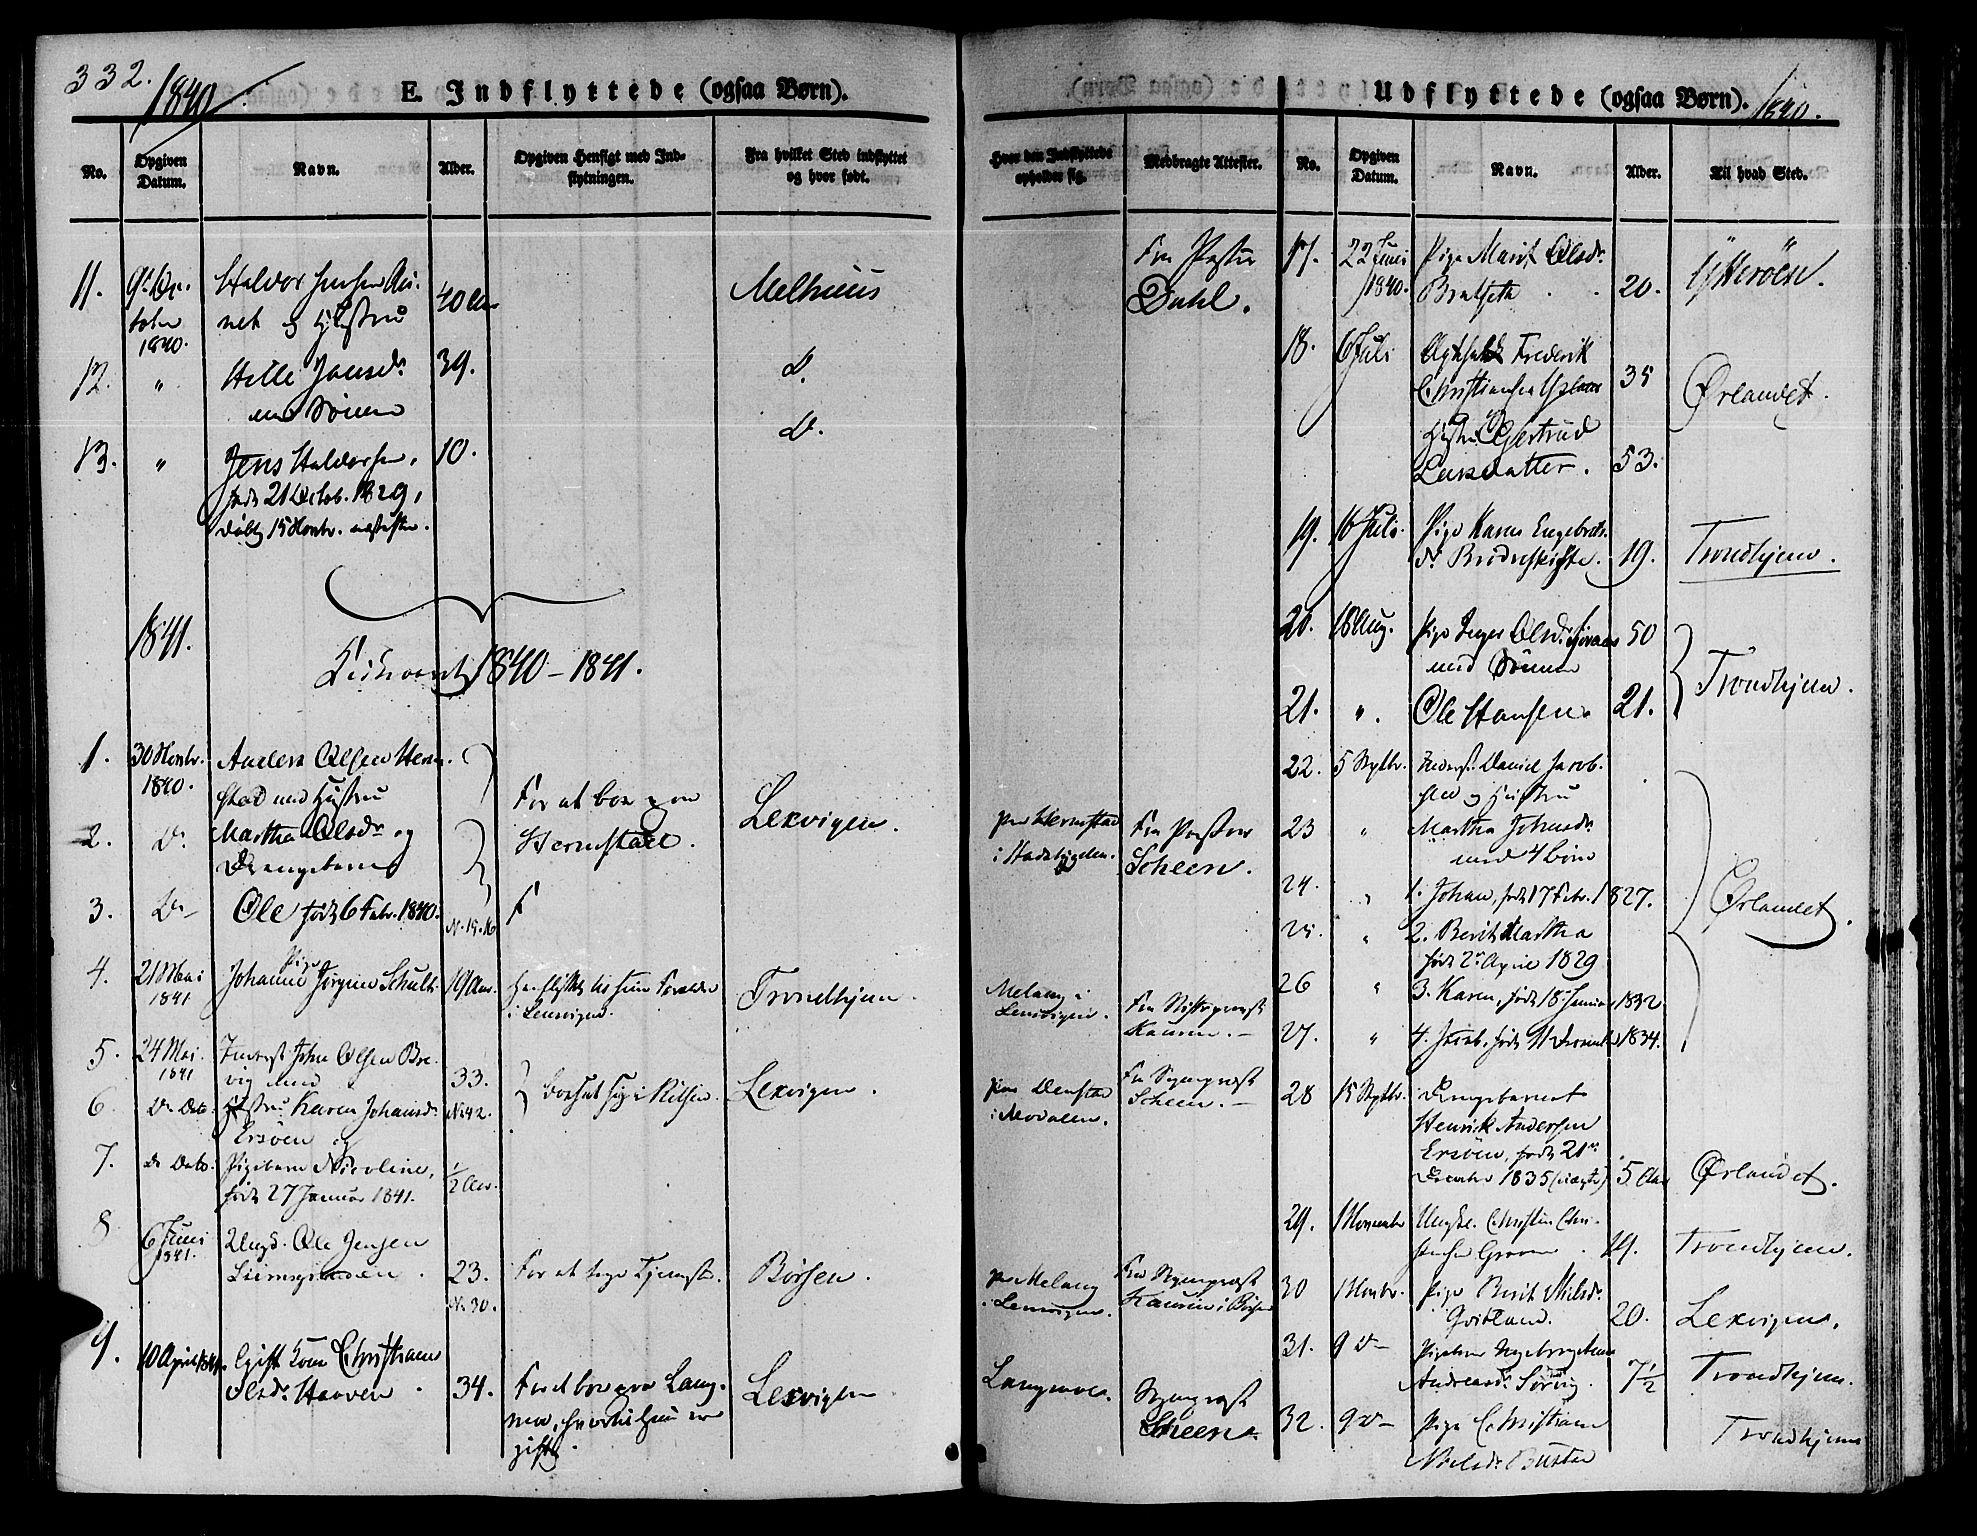 SAT, Ministerialprotokoller, klokkerbøker og fødselsregistre - Sør-Trøndelag, 646/L0610: Ministerialbok nr. 646A08, 1837-1847, s. 332